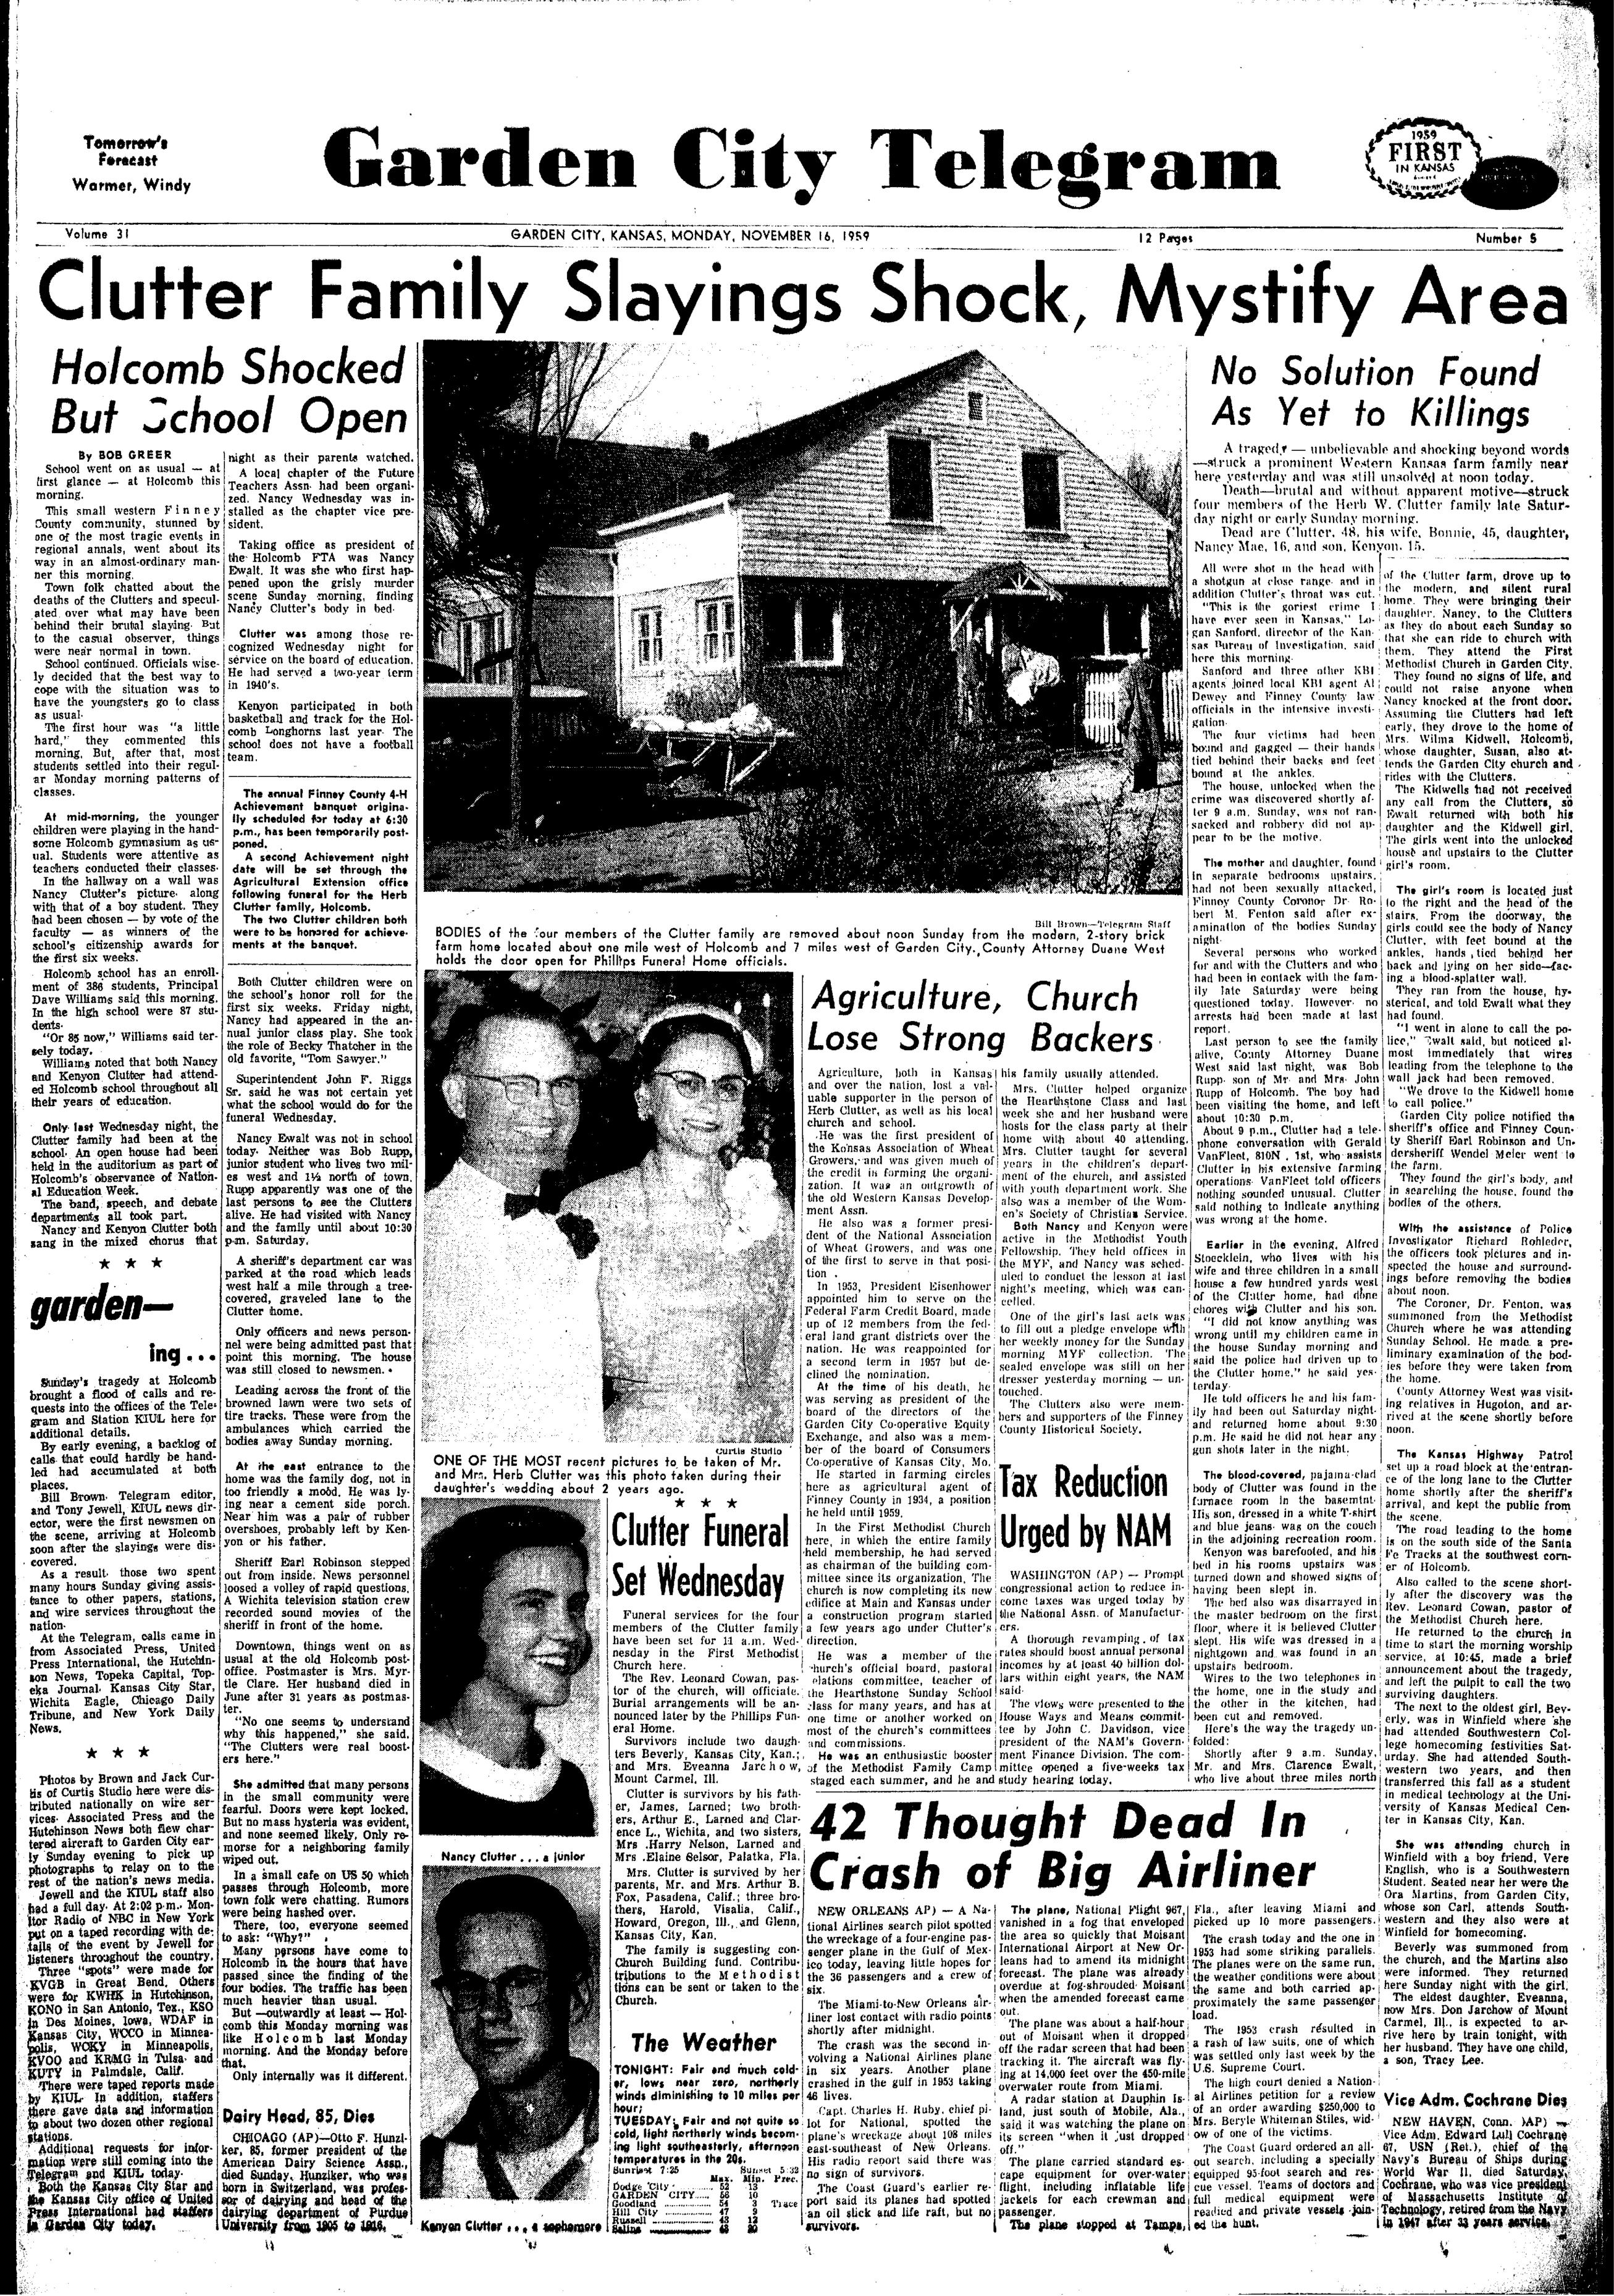 Garden City Telegram, Garden City, Kansas, Monday